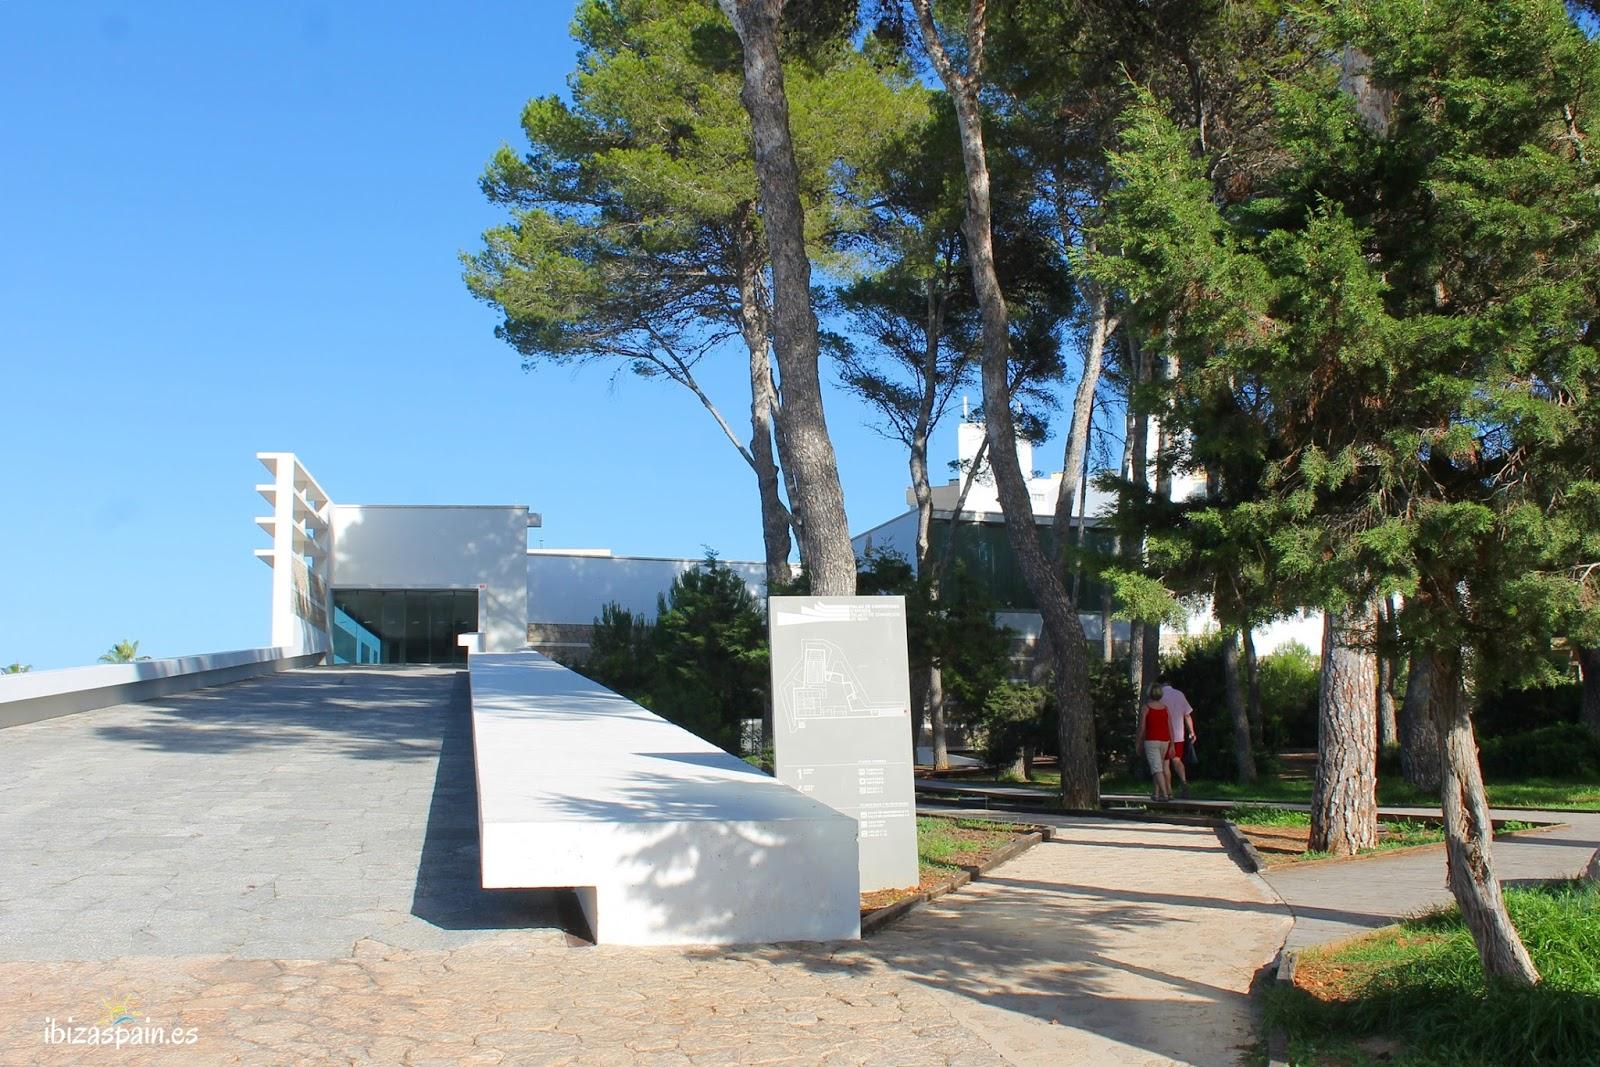 Palacio de Congresos de Ibiza en Santa Eulalia